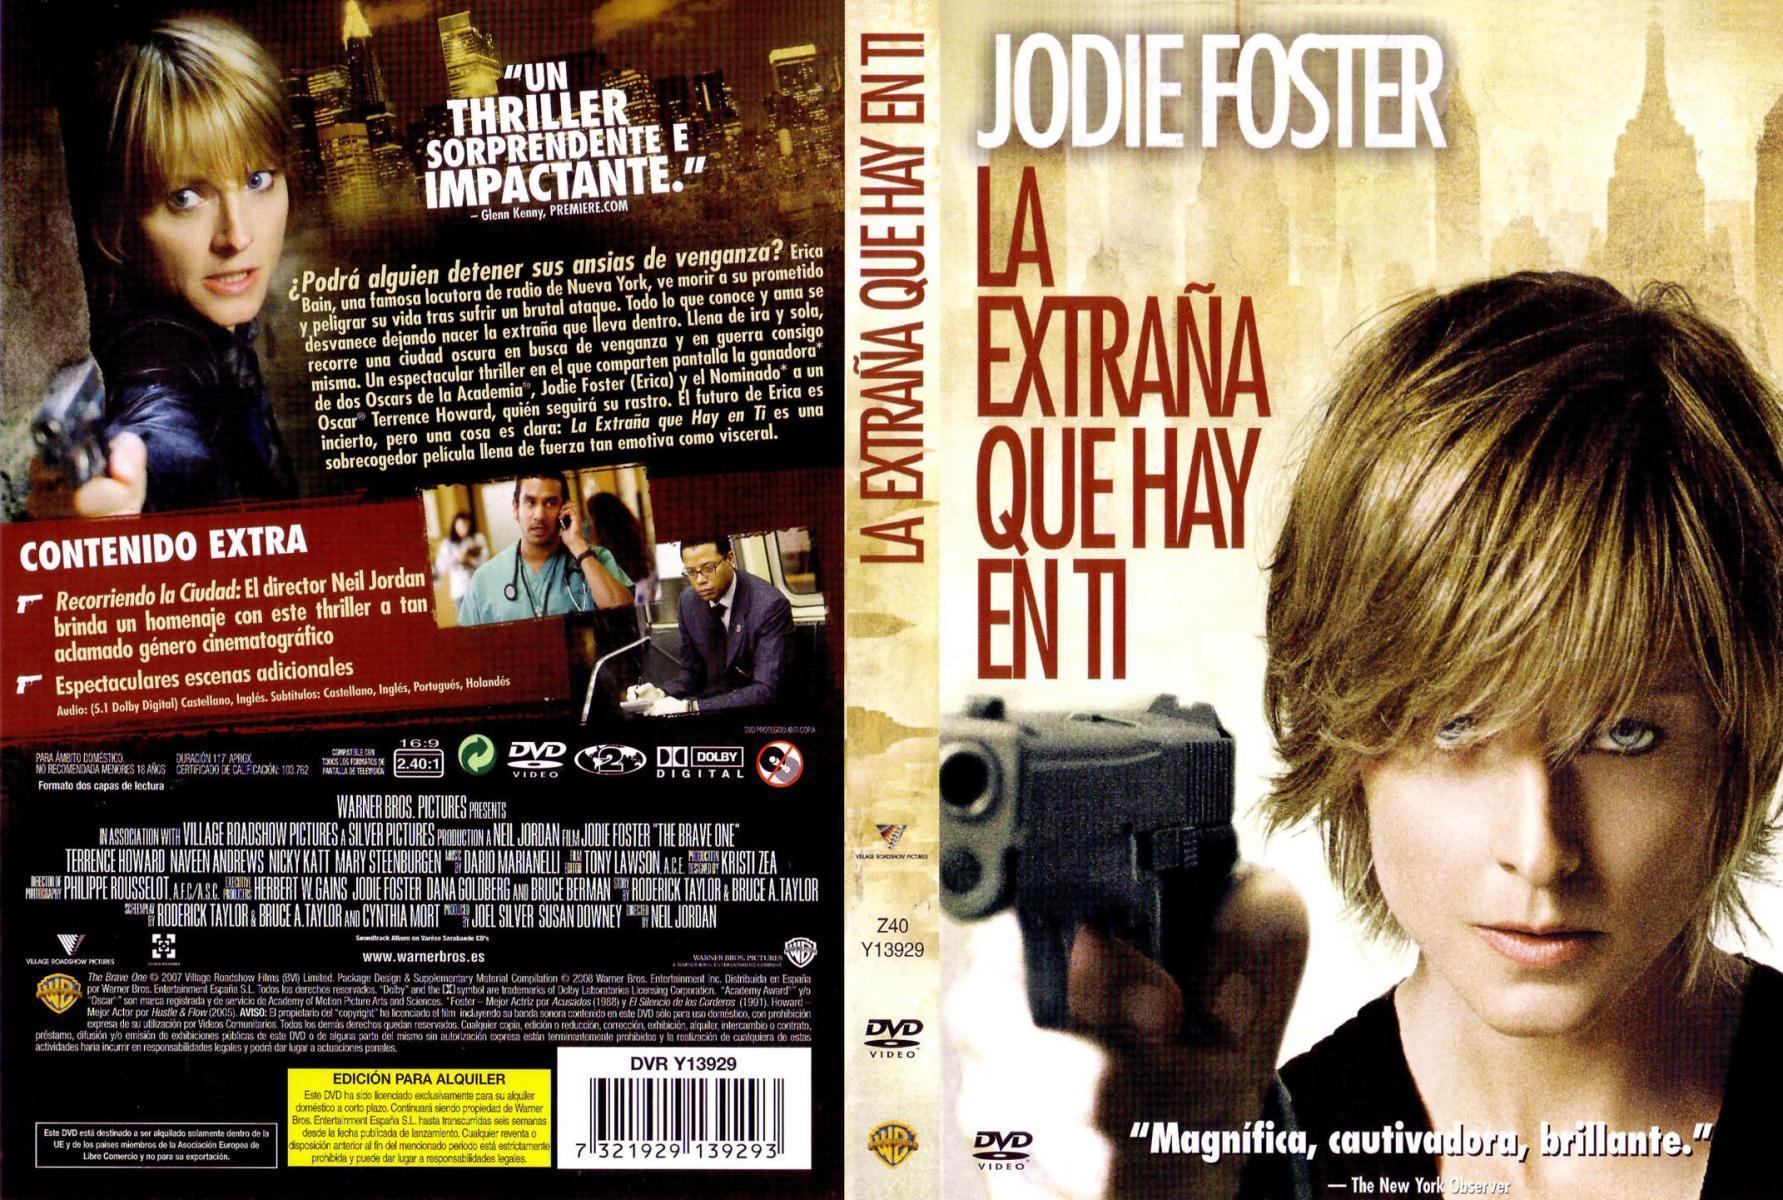 La Extrana Que Hay En Ti 2007 Filmaffinity